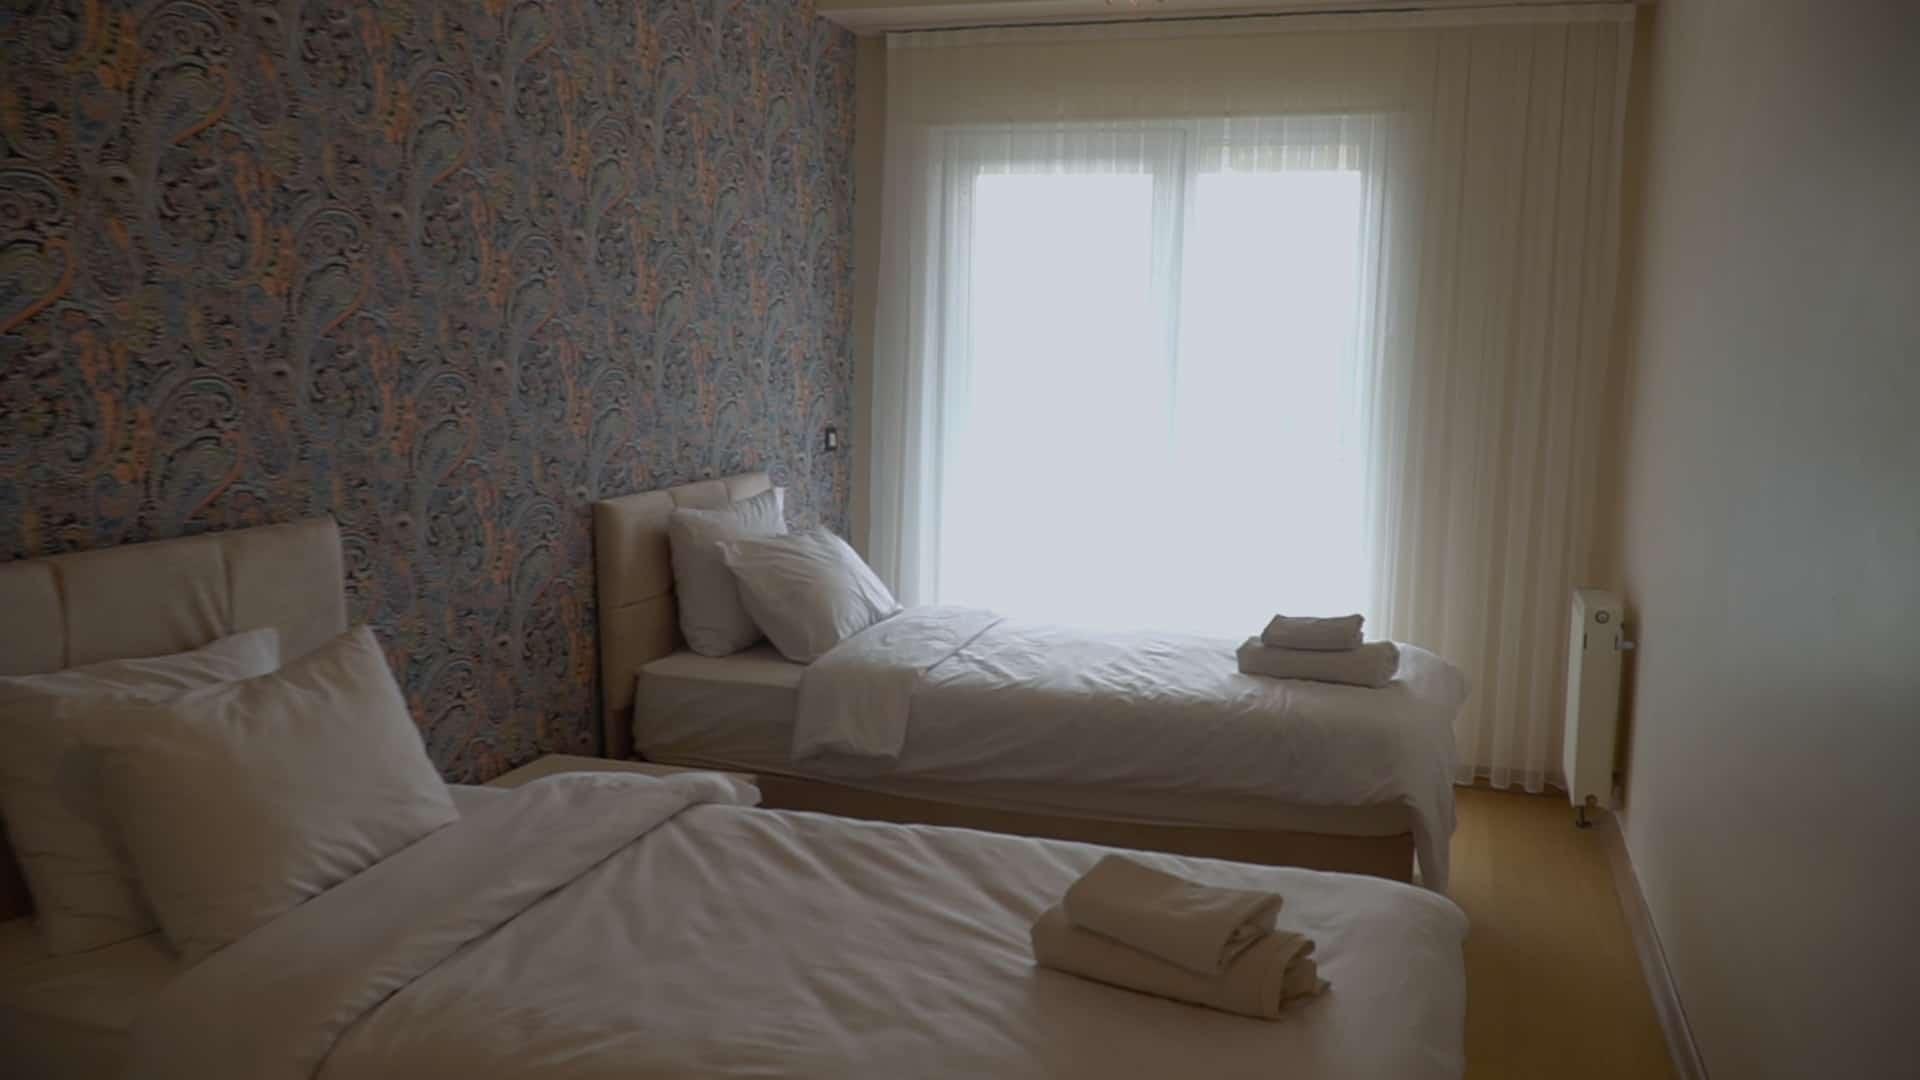 غرفة من سريرين شقة 3 غرف وصالون للايجار في مول فينيسيا